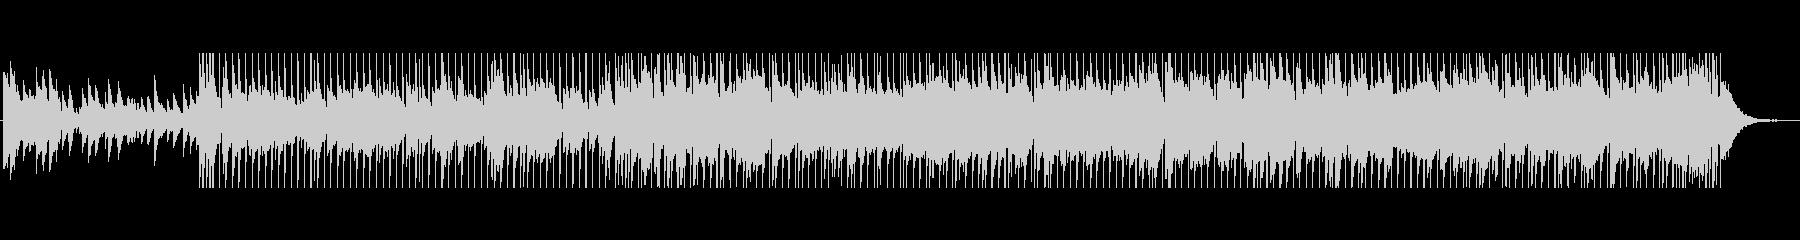 ピアノカントリーポップBGMの未再生の波形